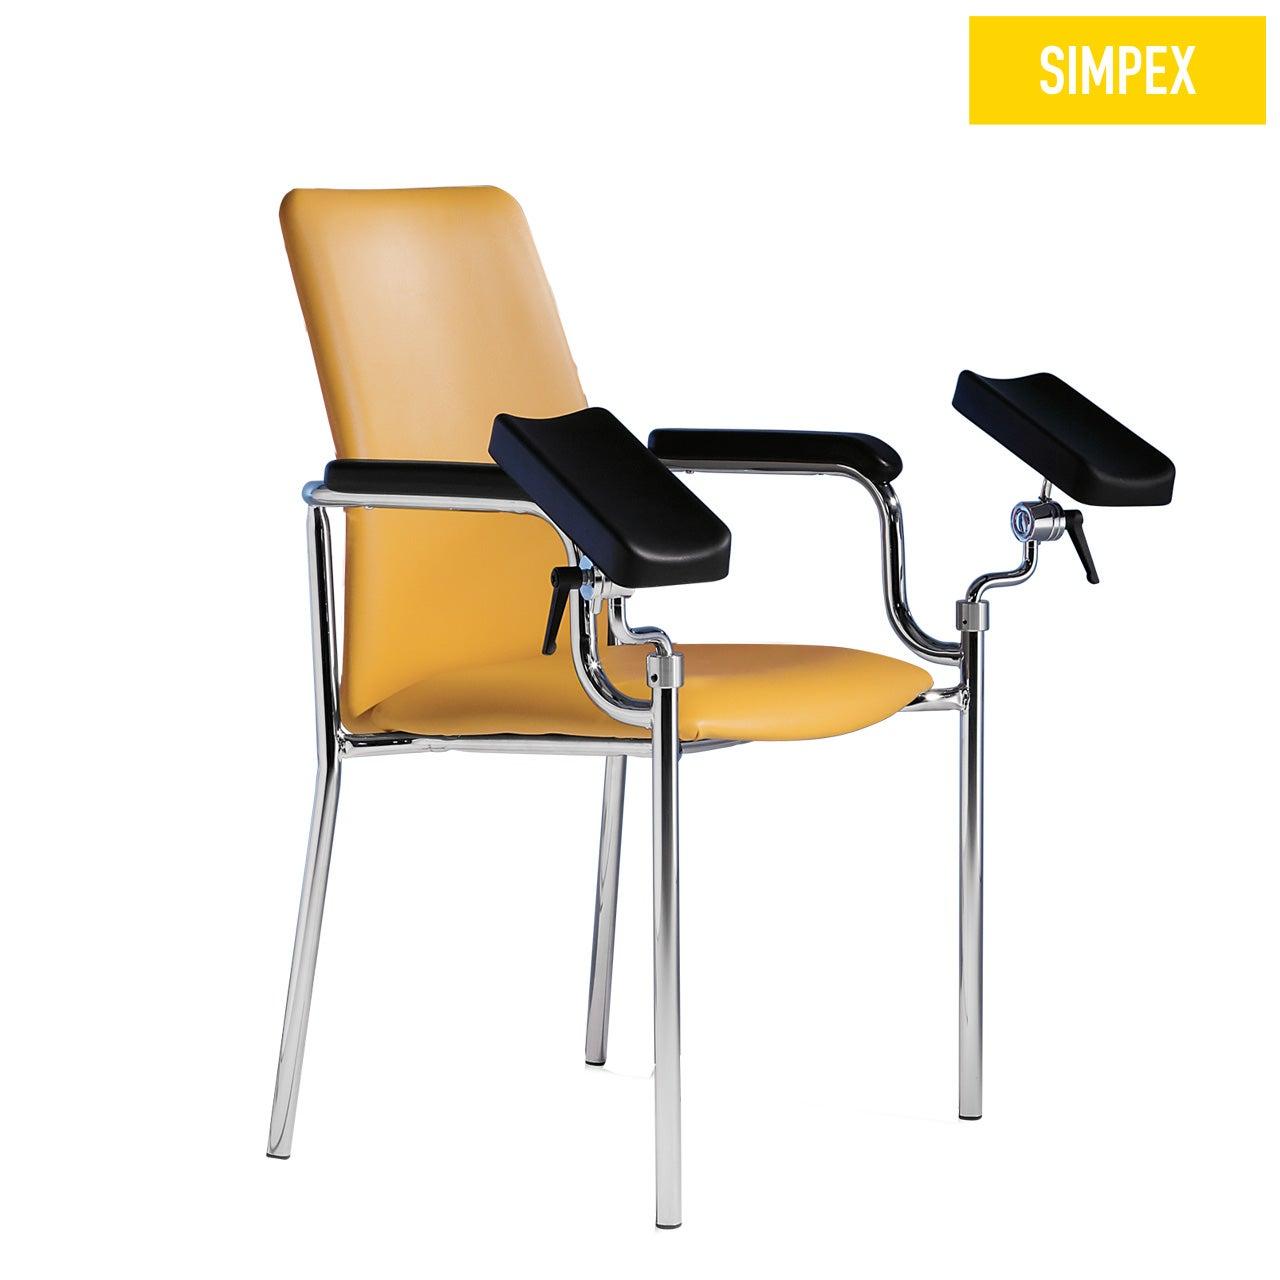 Blutentnahmestuhl Sicherheitsstuhl HAEMO-SECUR Vario mit Kunstleder in gelb (mais) und einem Gestell aus Stahl verchromt von SIMPEX